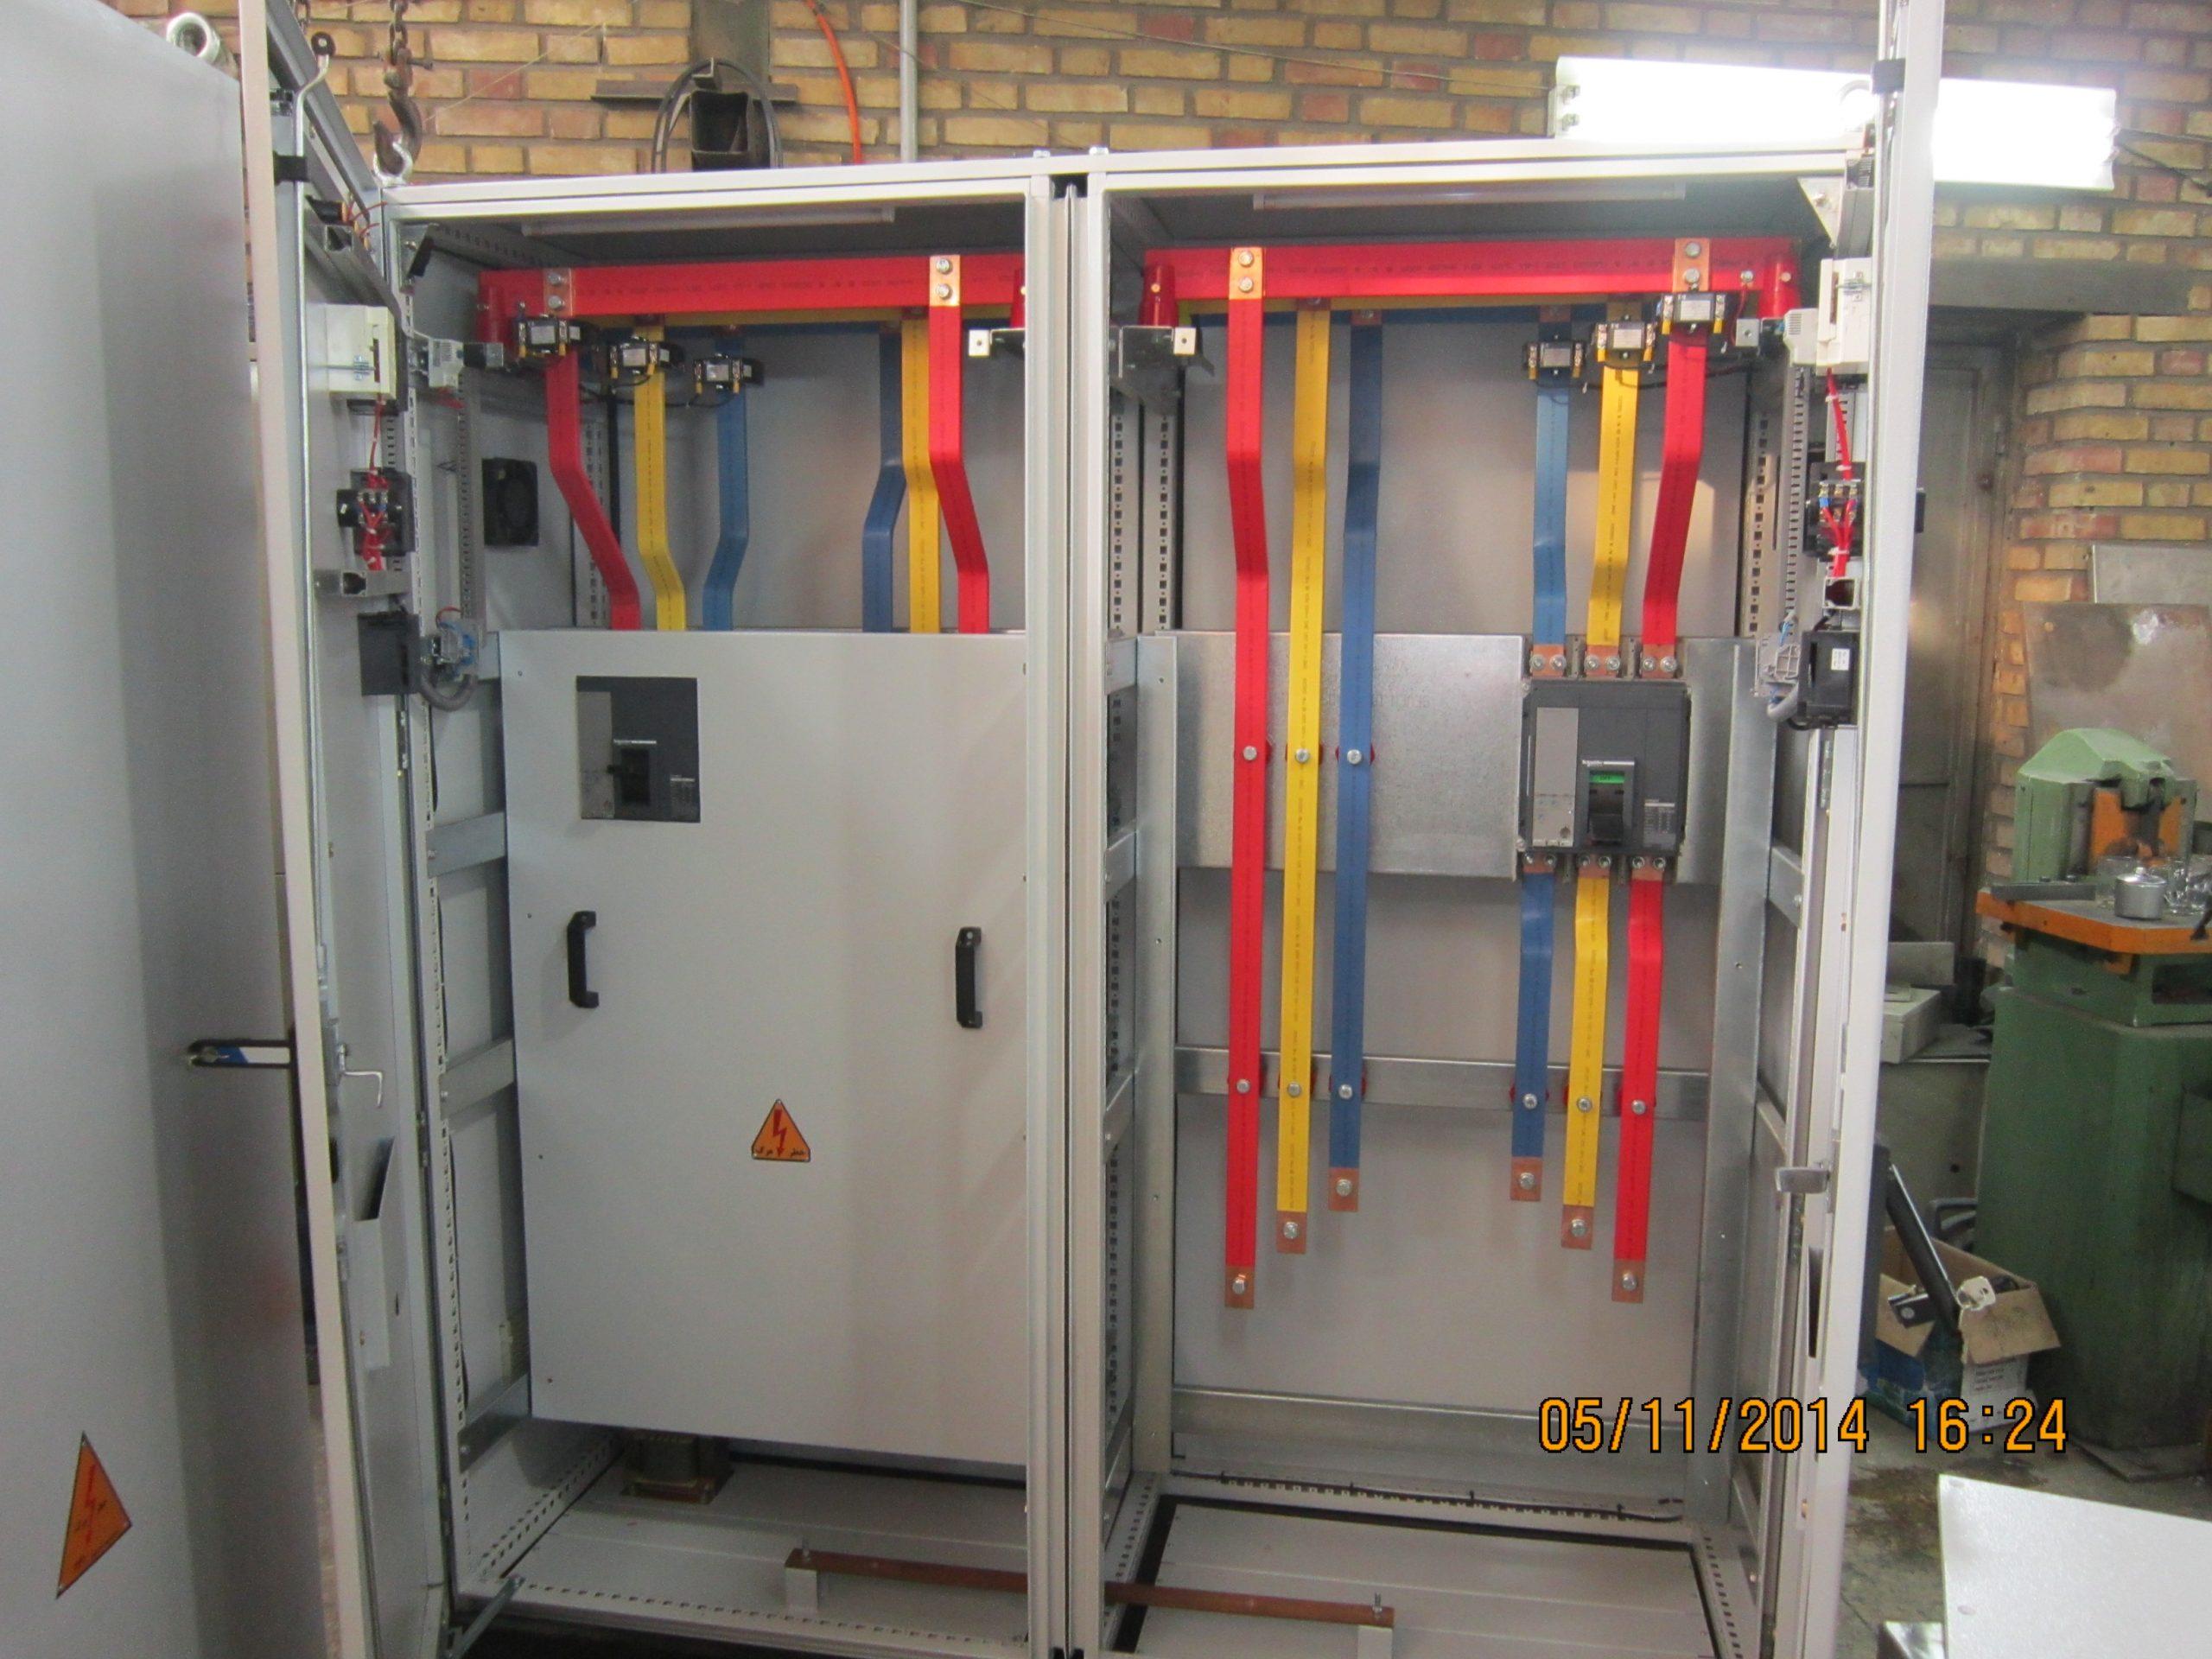 تتابلو برق صنعتی وخدمات رنگ الکترو استاتیک